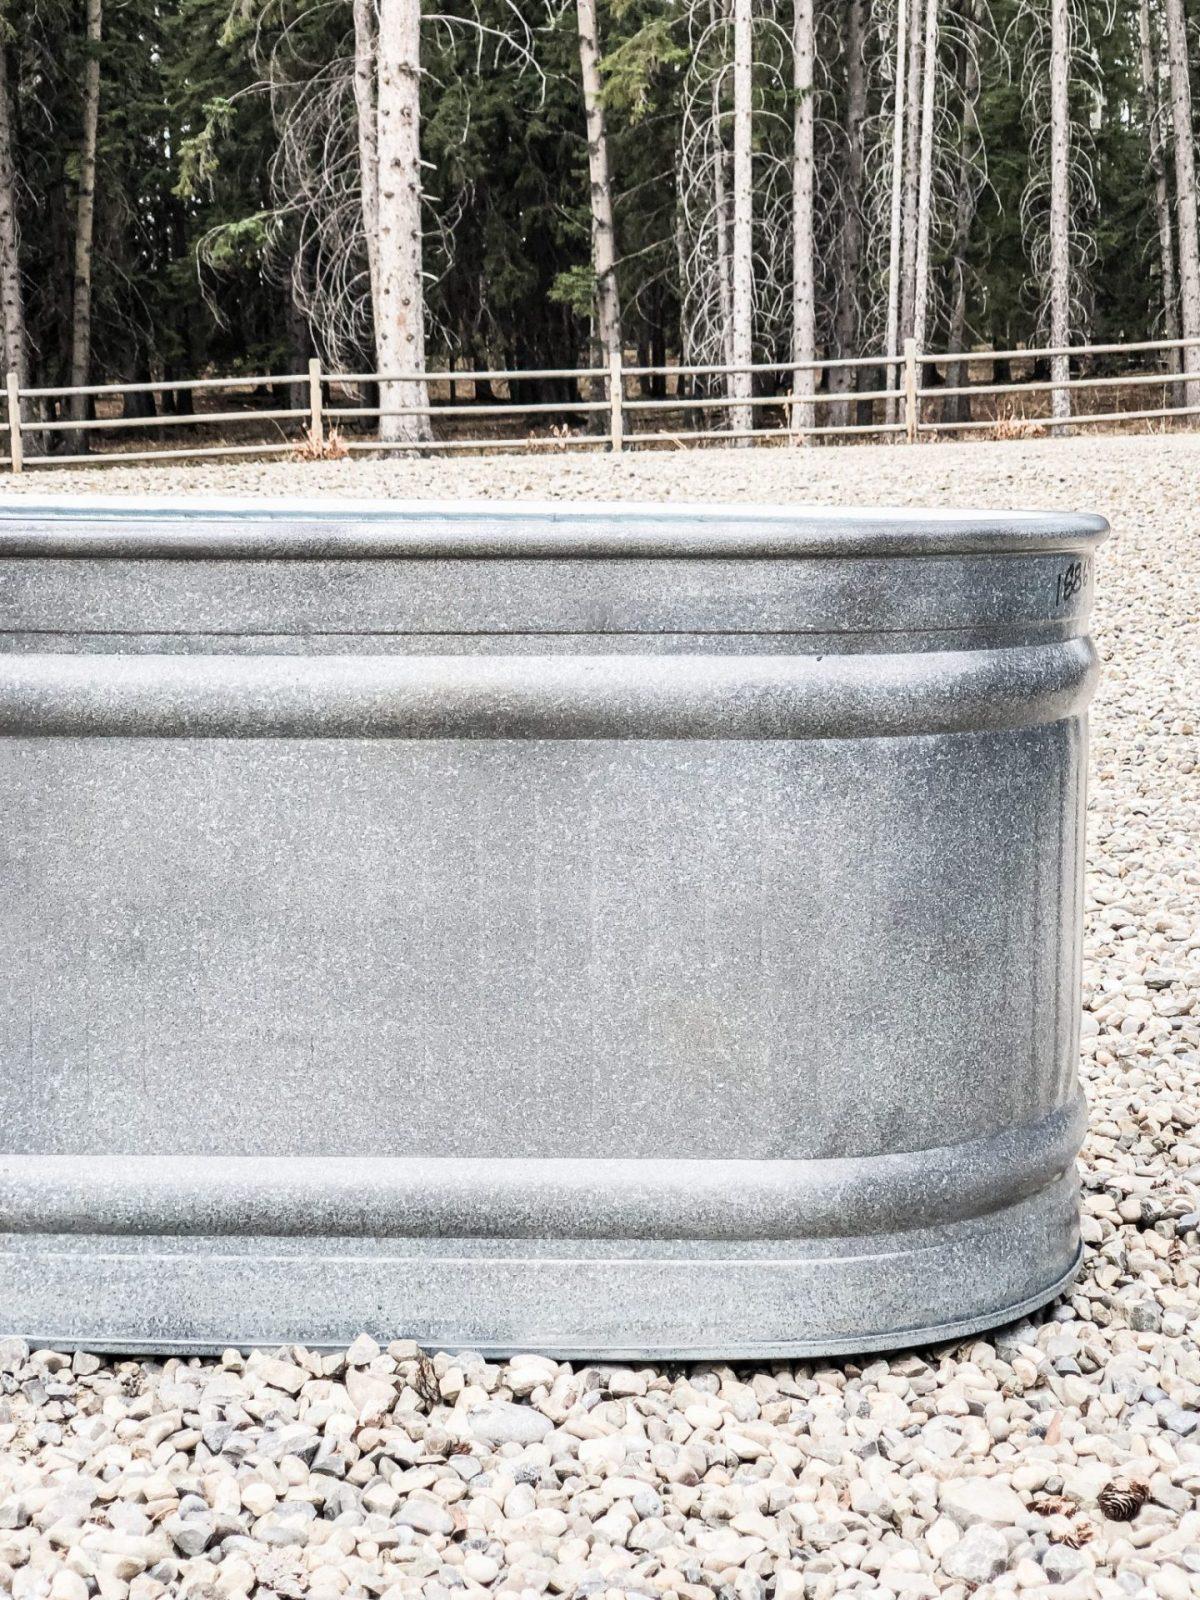 DIY Aged galvanized metal water tank